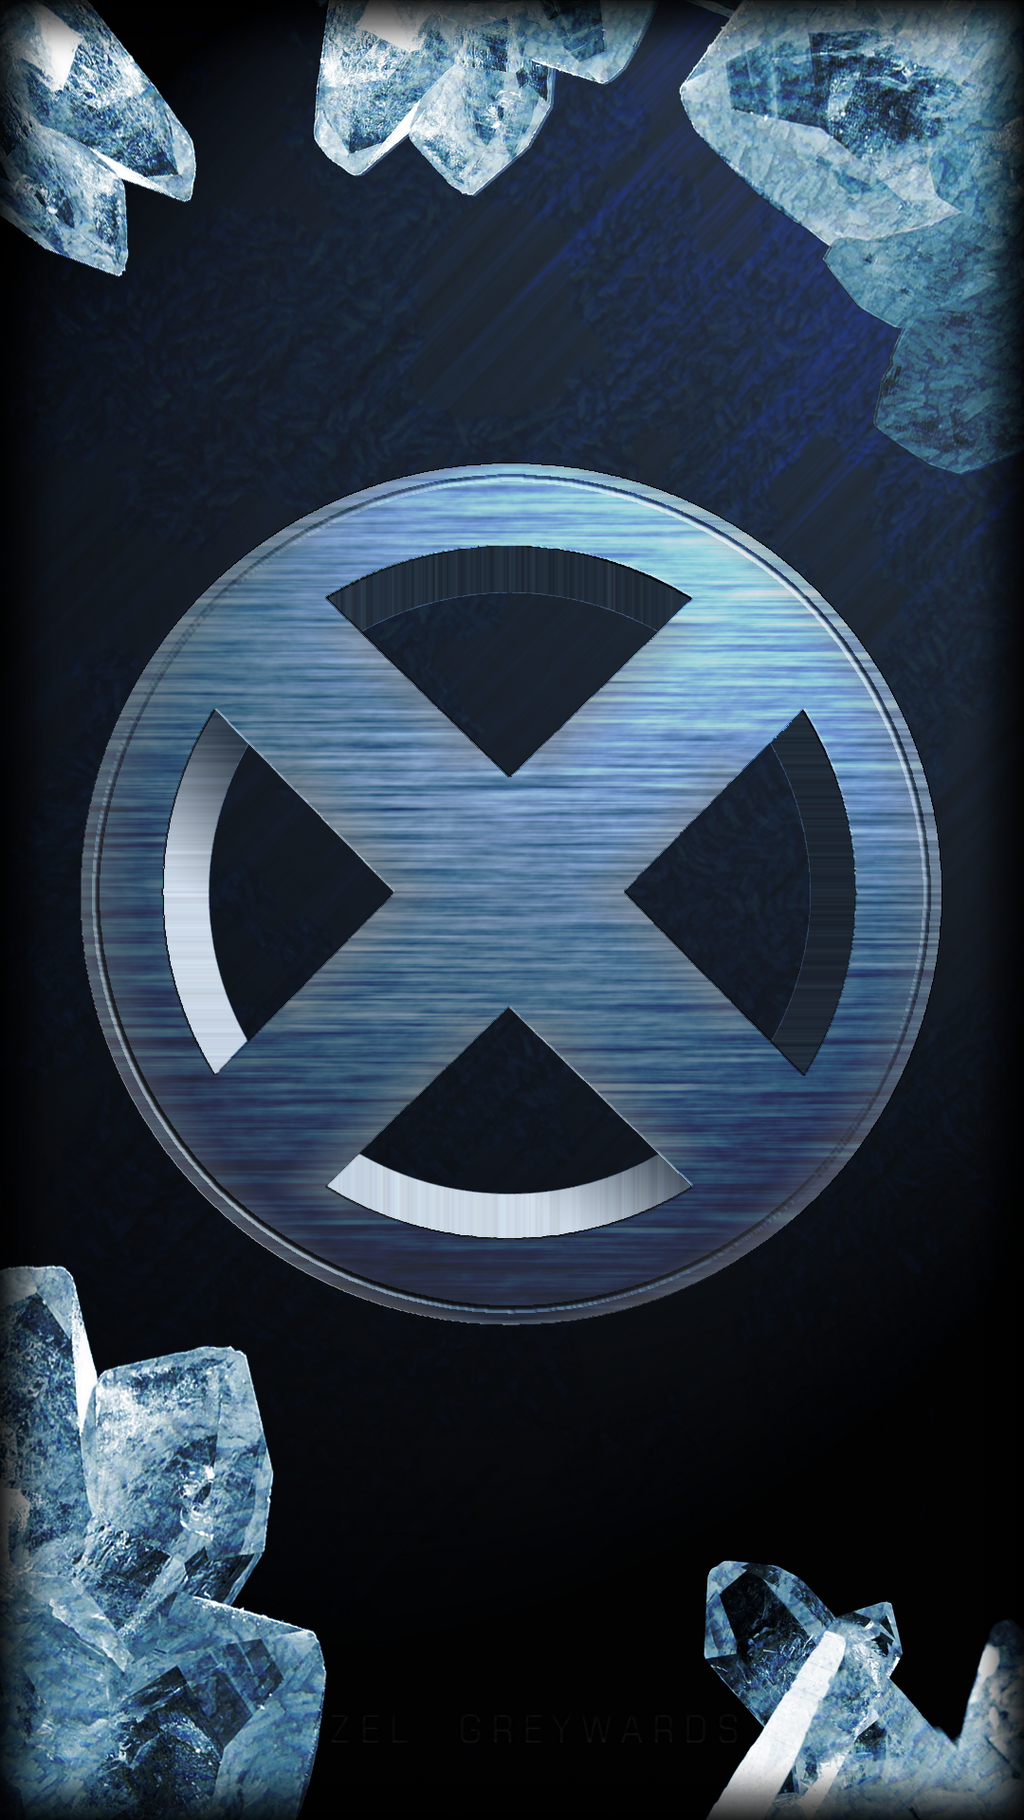 x men symbol wallpaper - photo #7